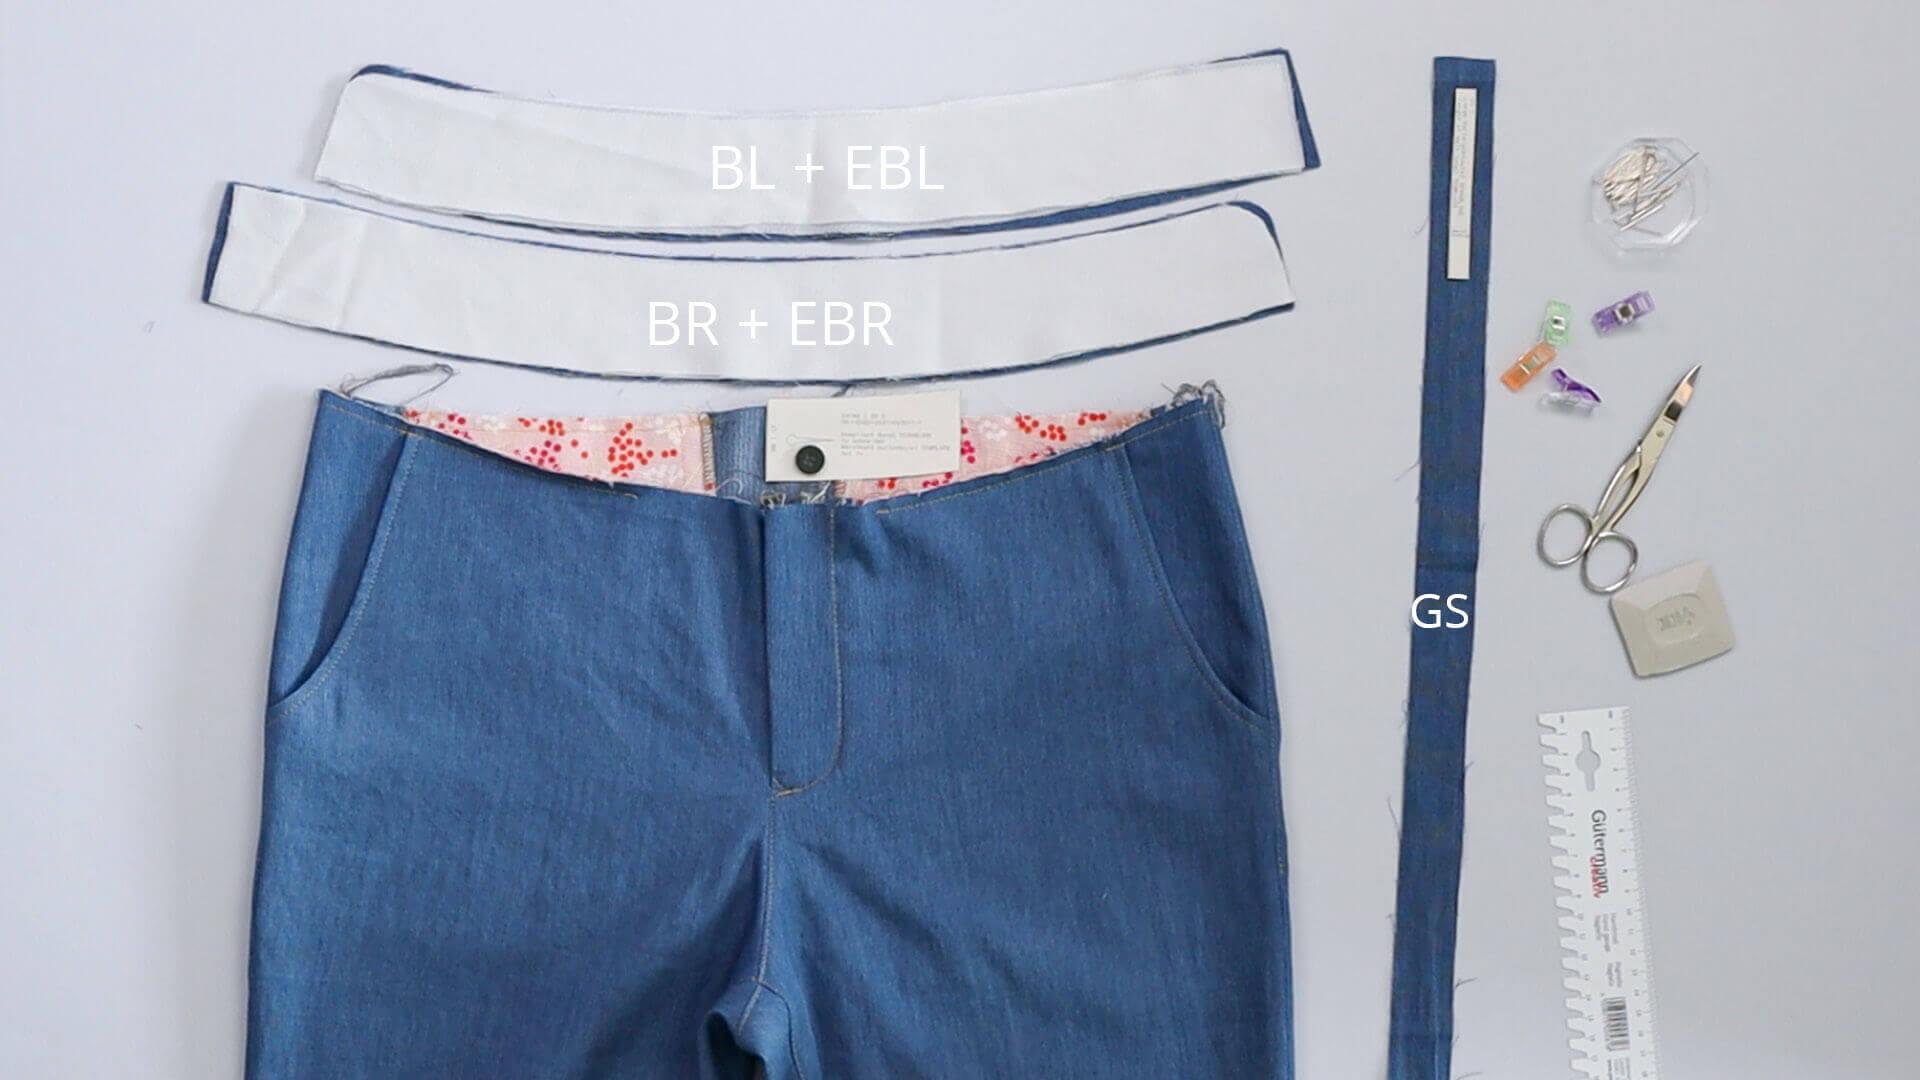 angesetzten Hosenbund #B01 selber nähen- das wird benötigt